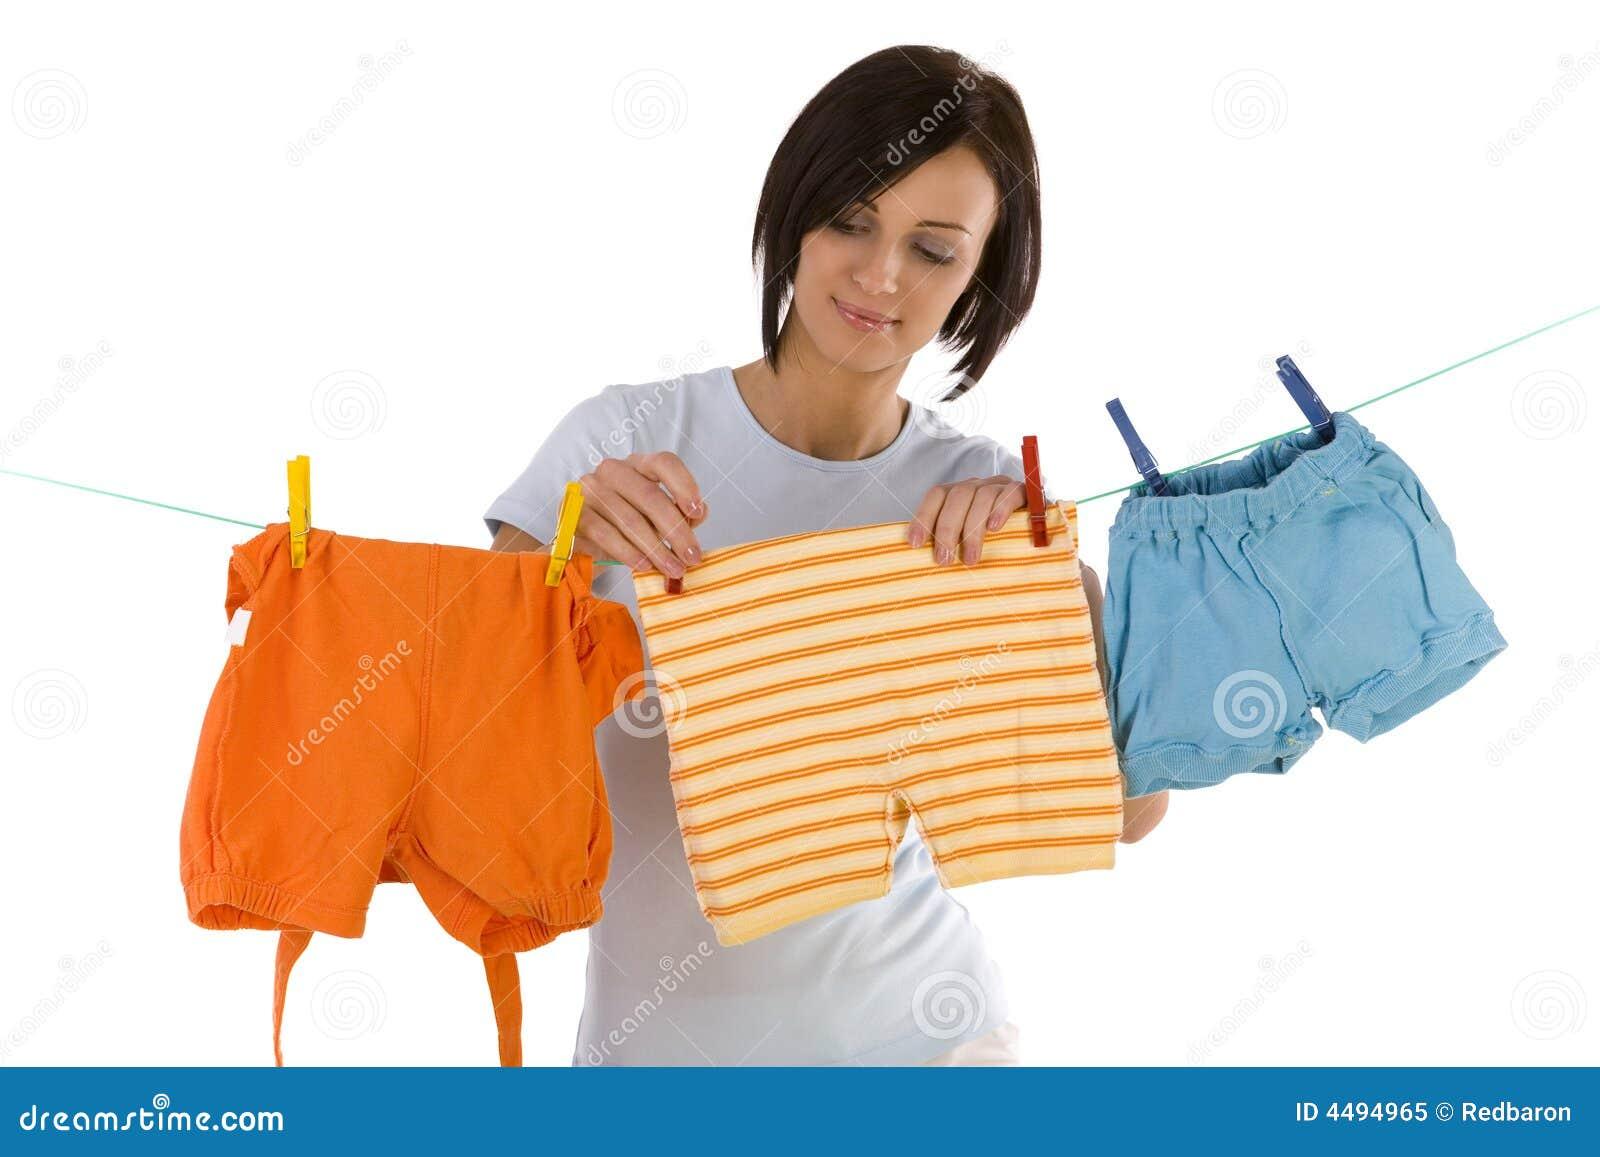 Hanging out washing